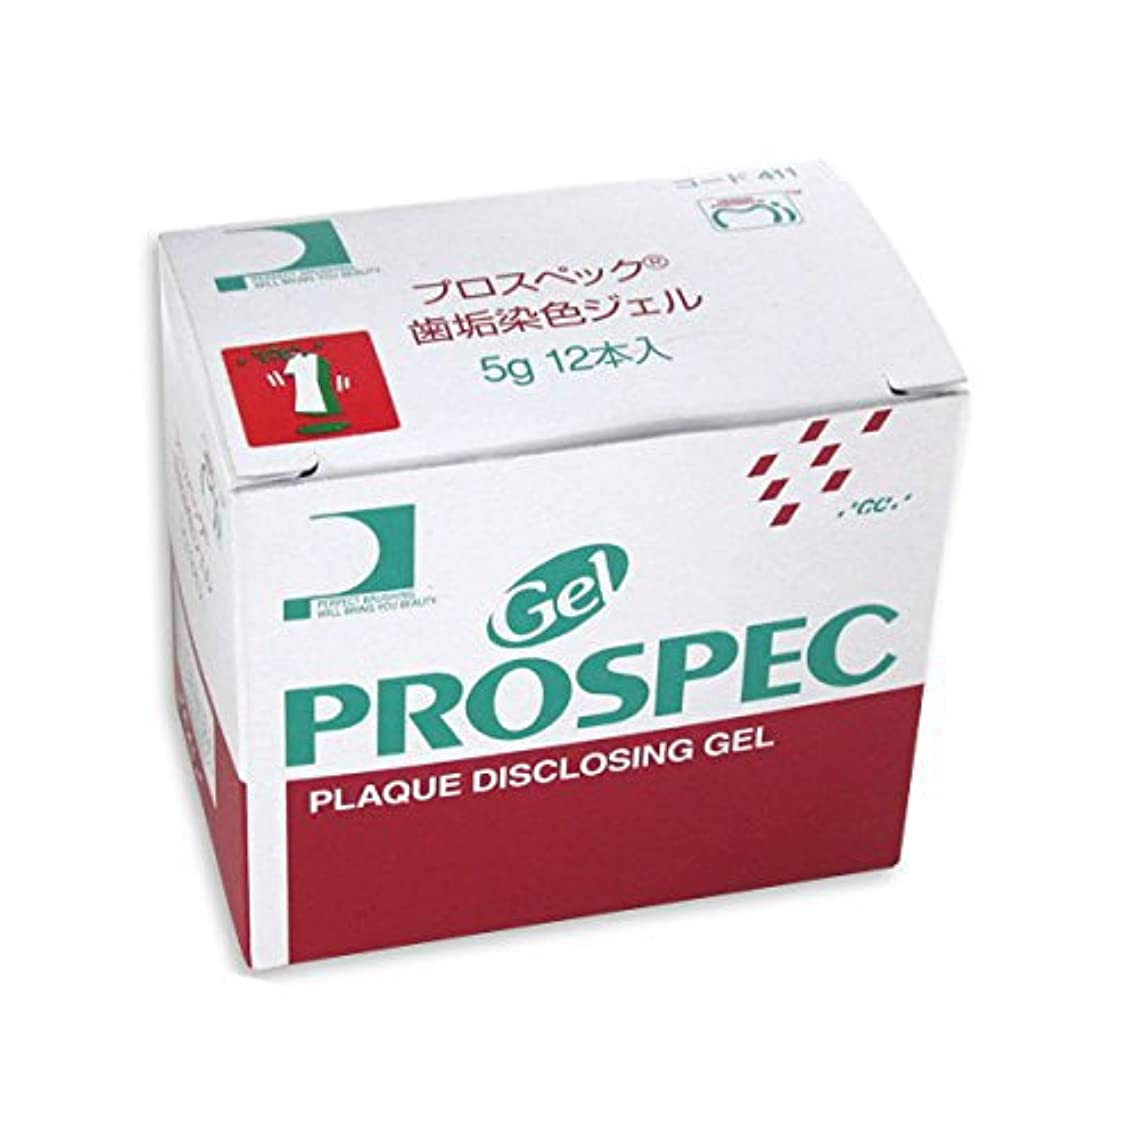 絶えずダッシュ森林プロスペック ジーシー プロスペック 歯垢染色ジェル 5g×12個単品